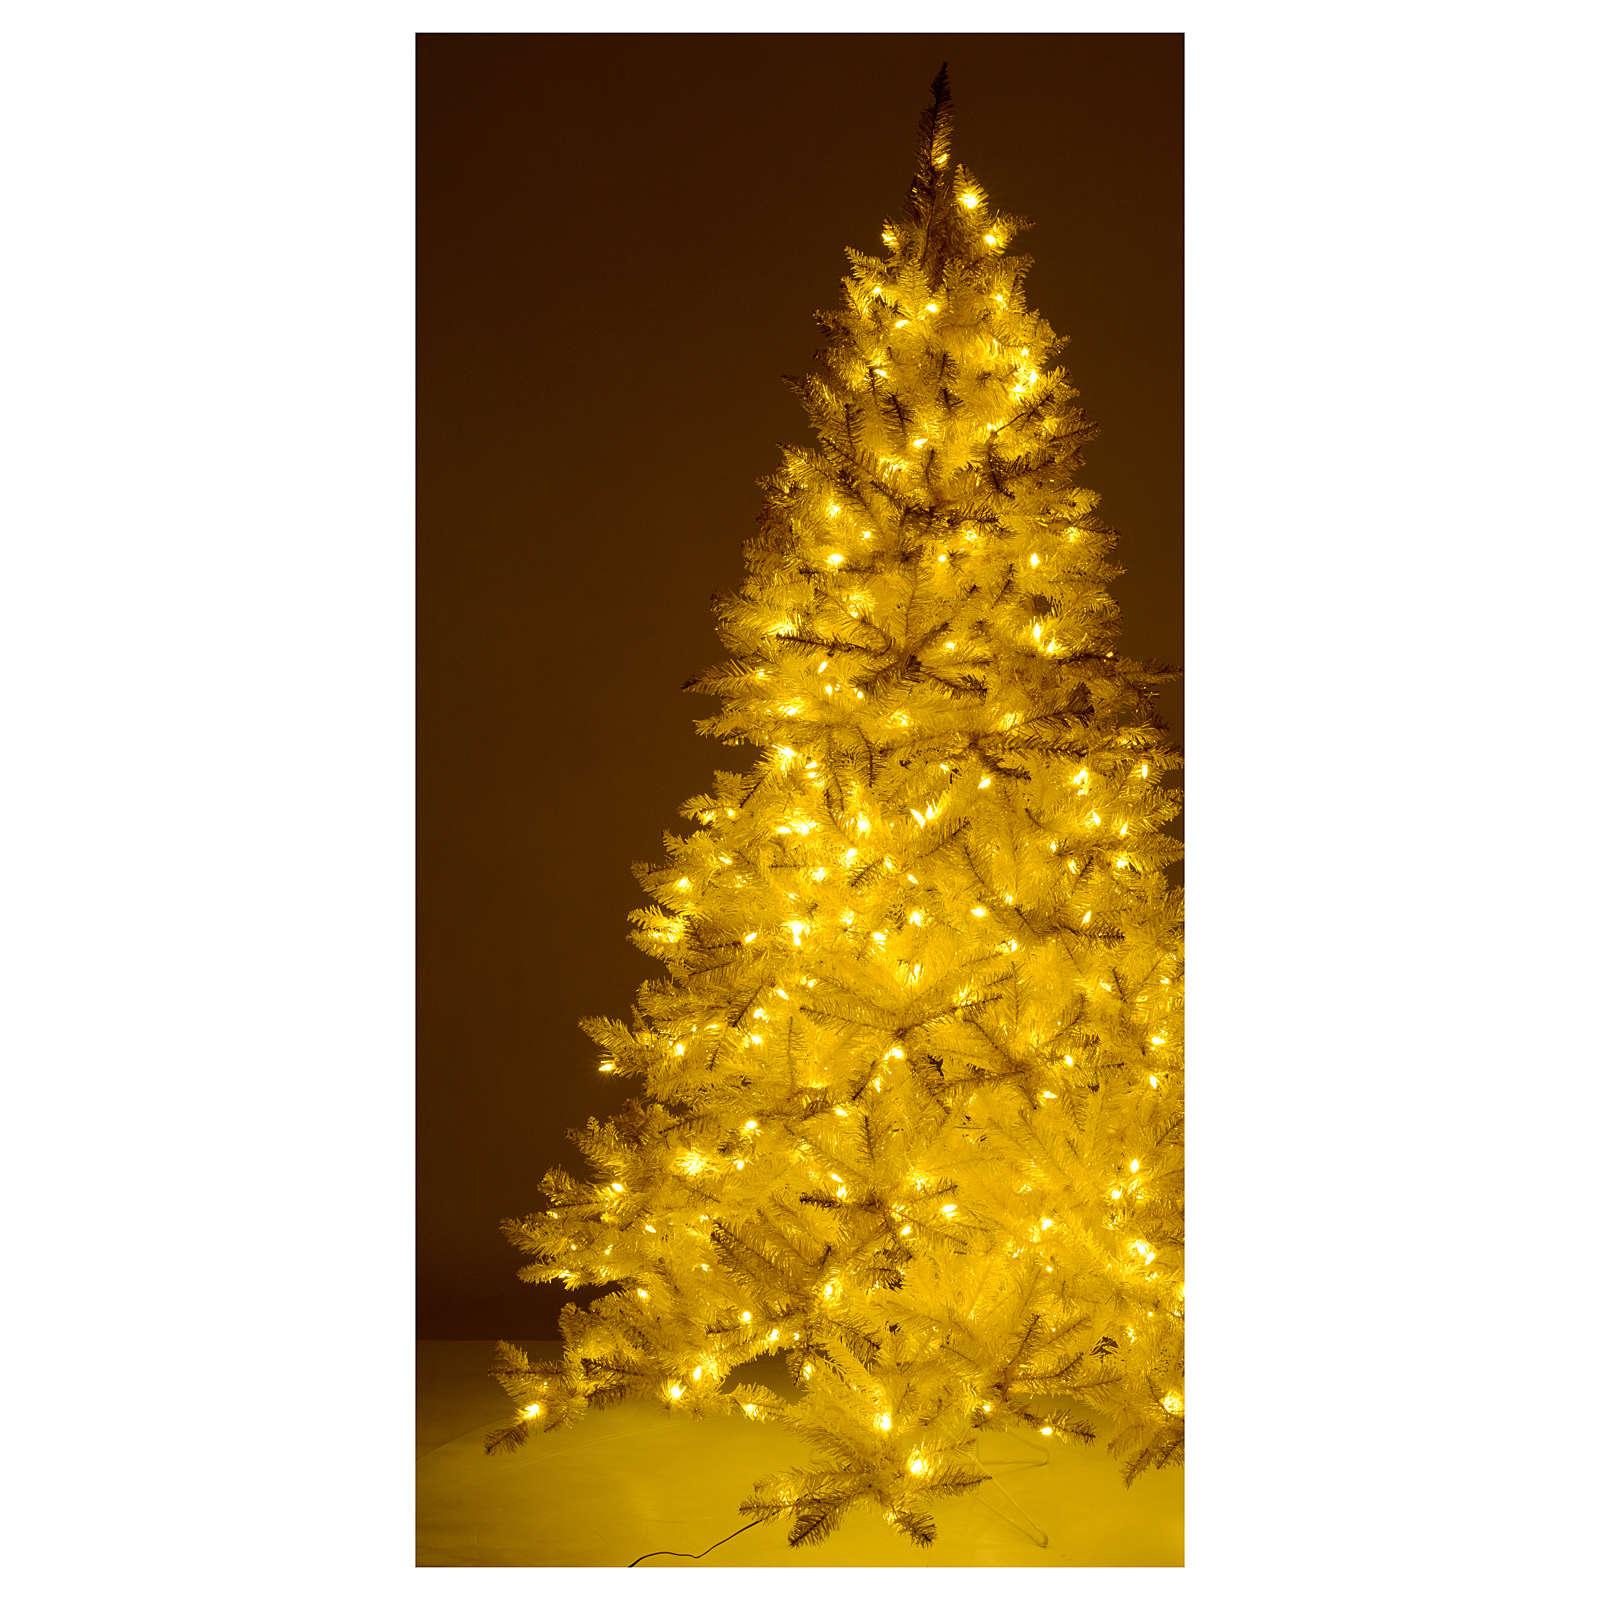 Weihnachtsbaum 200cm Glitter gold Mod. Regal Ivory 3